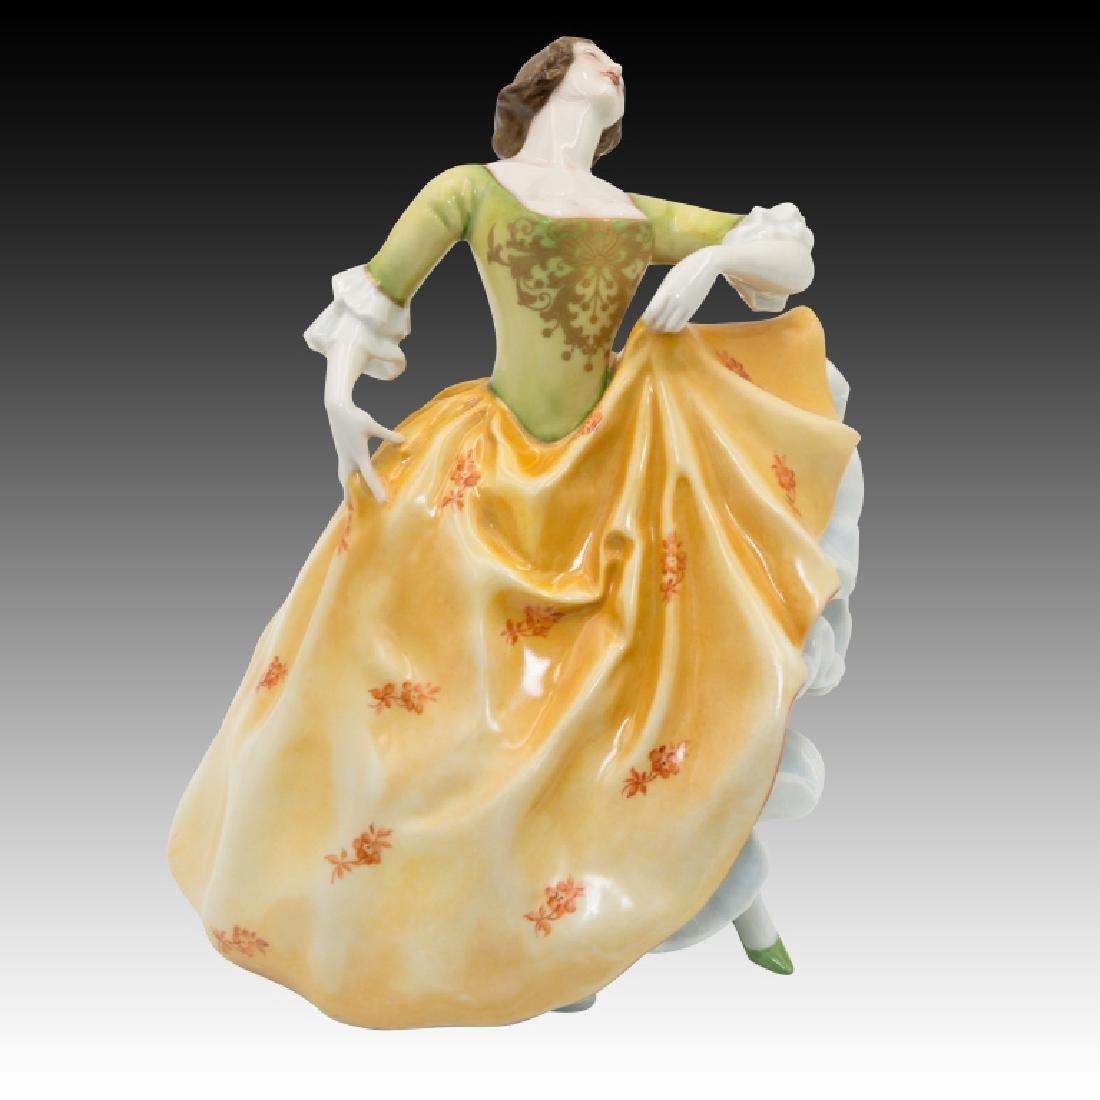 Rosenthal Rococo Figure of Girl Dancing